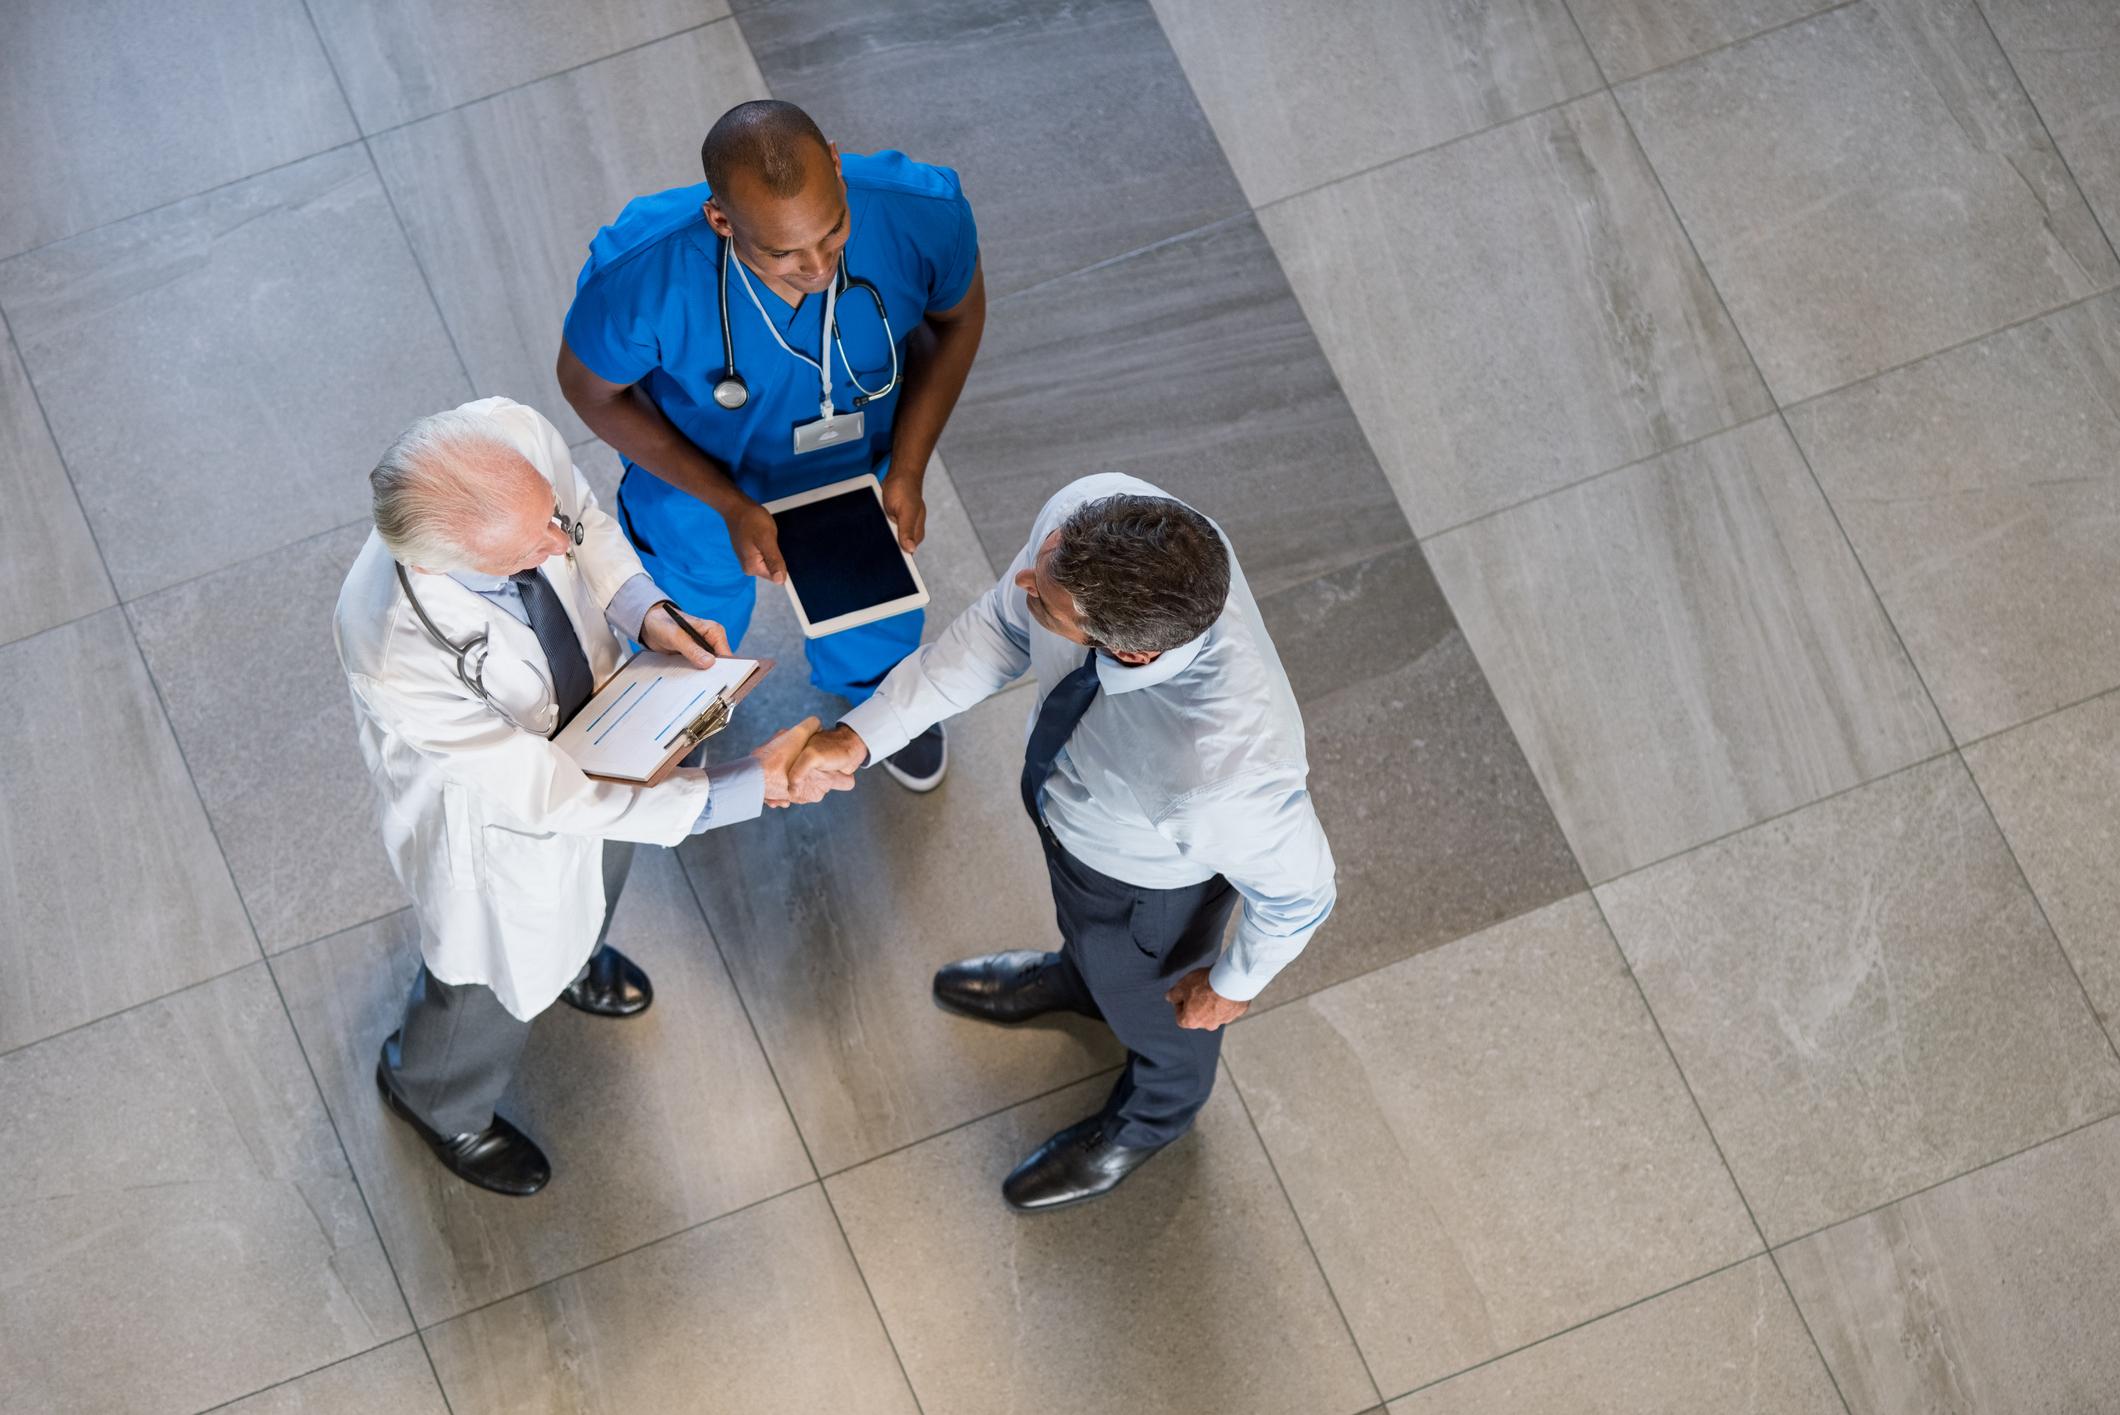 Doctors shaking hands in hallway